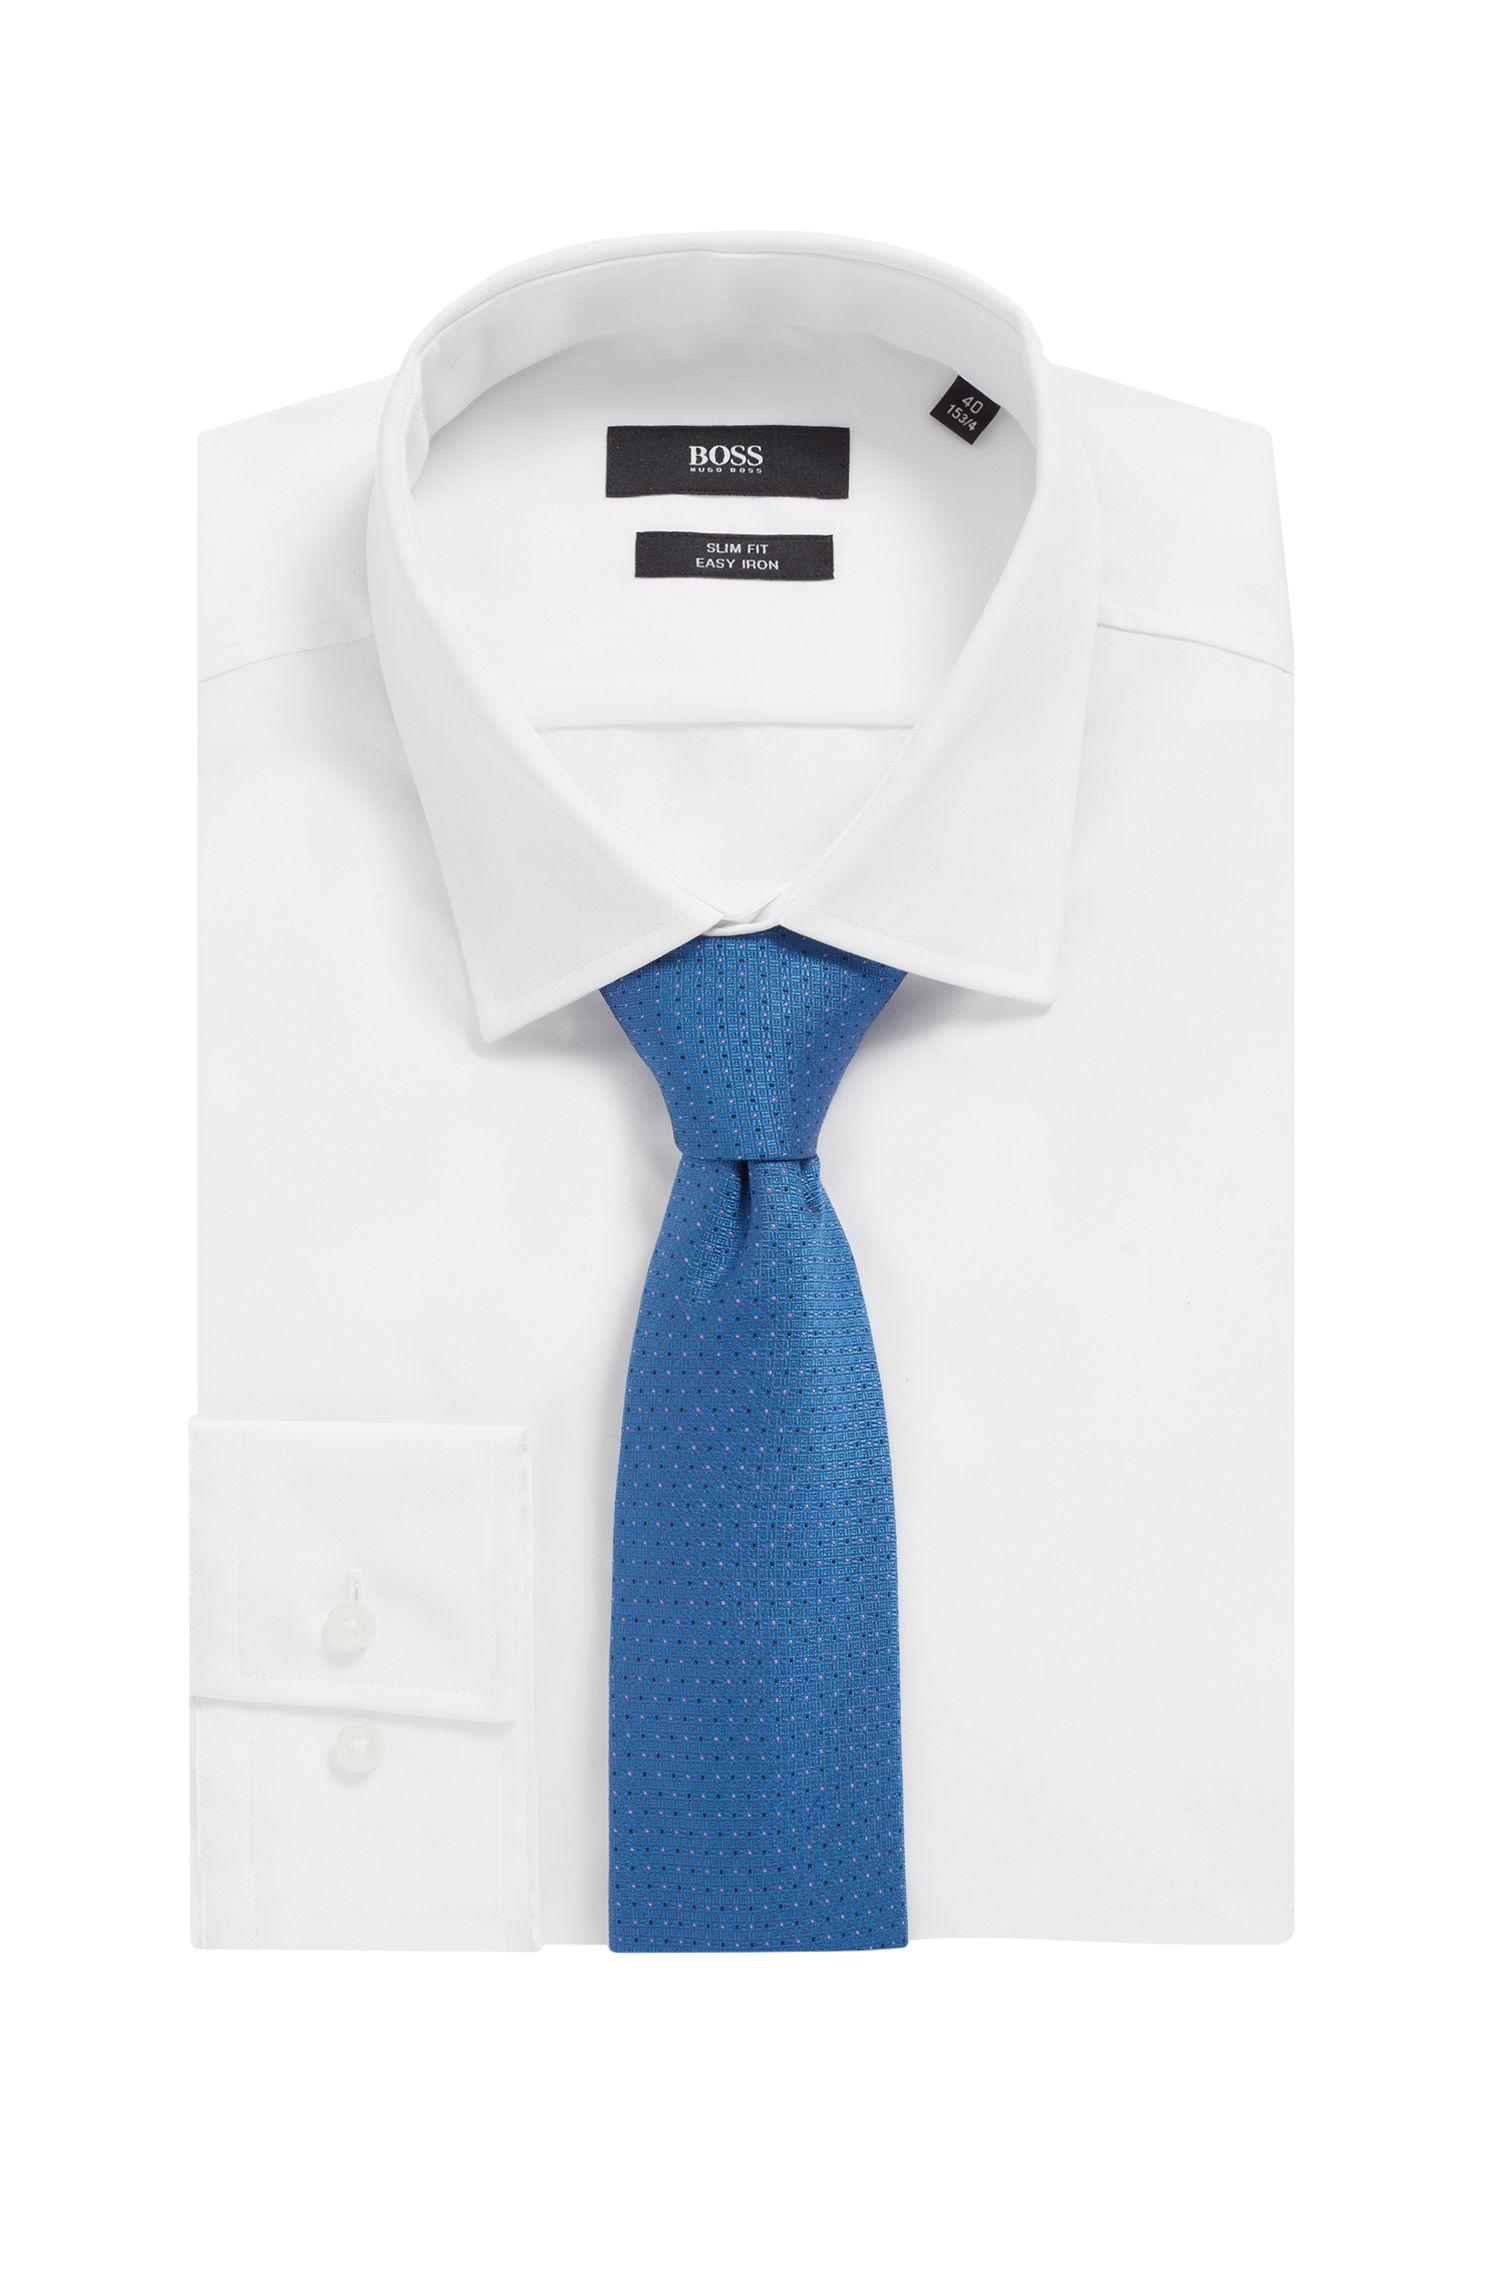 Cravate en jacquard de soie à motif, confectionnée en Italie, Bleu